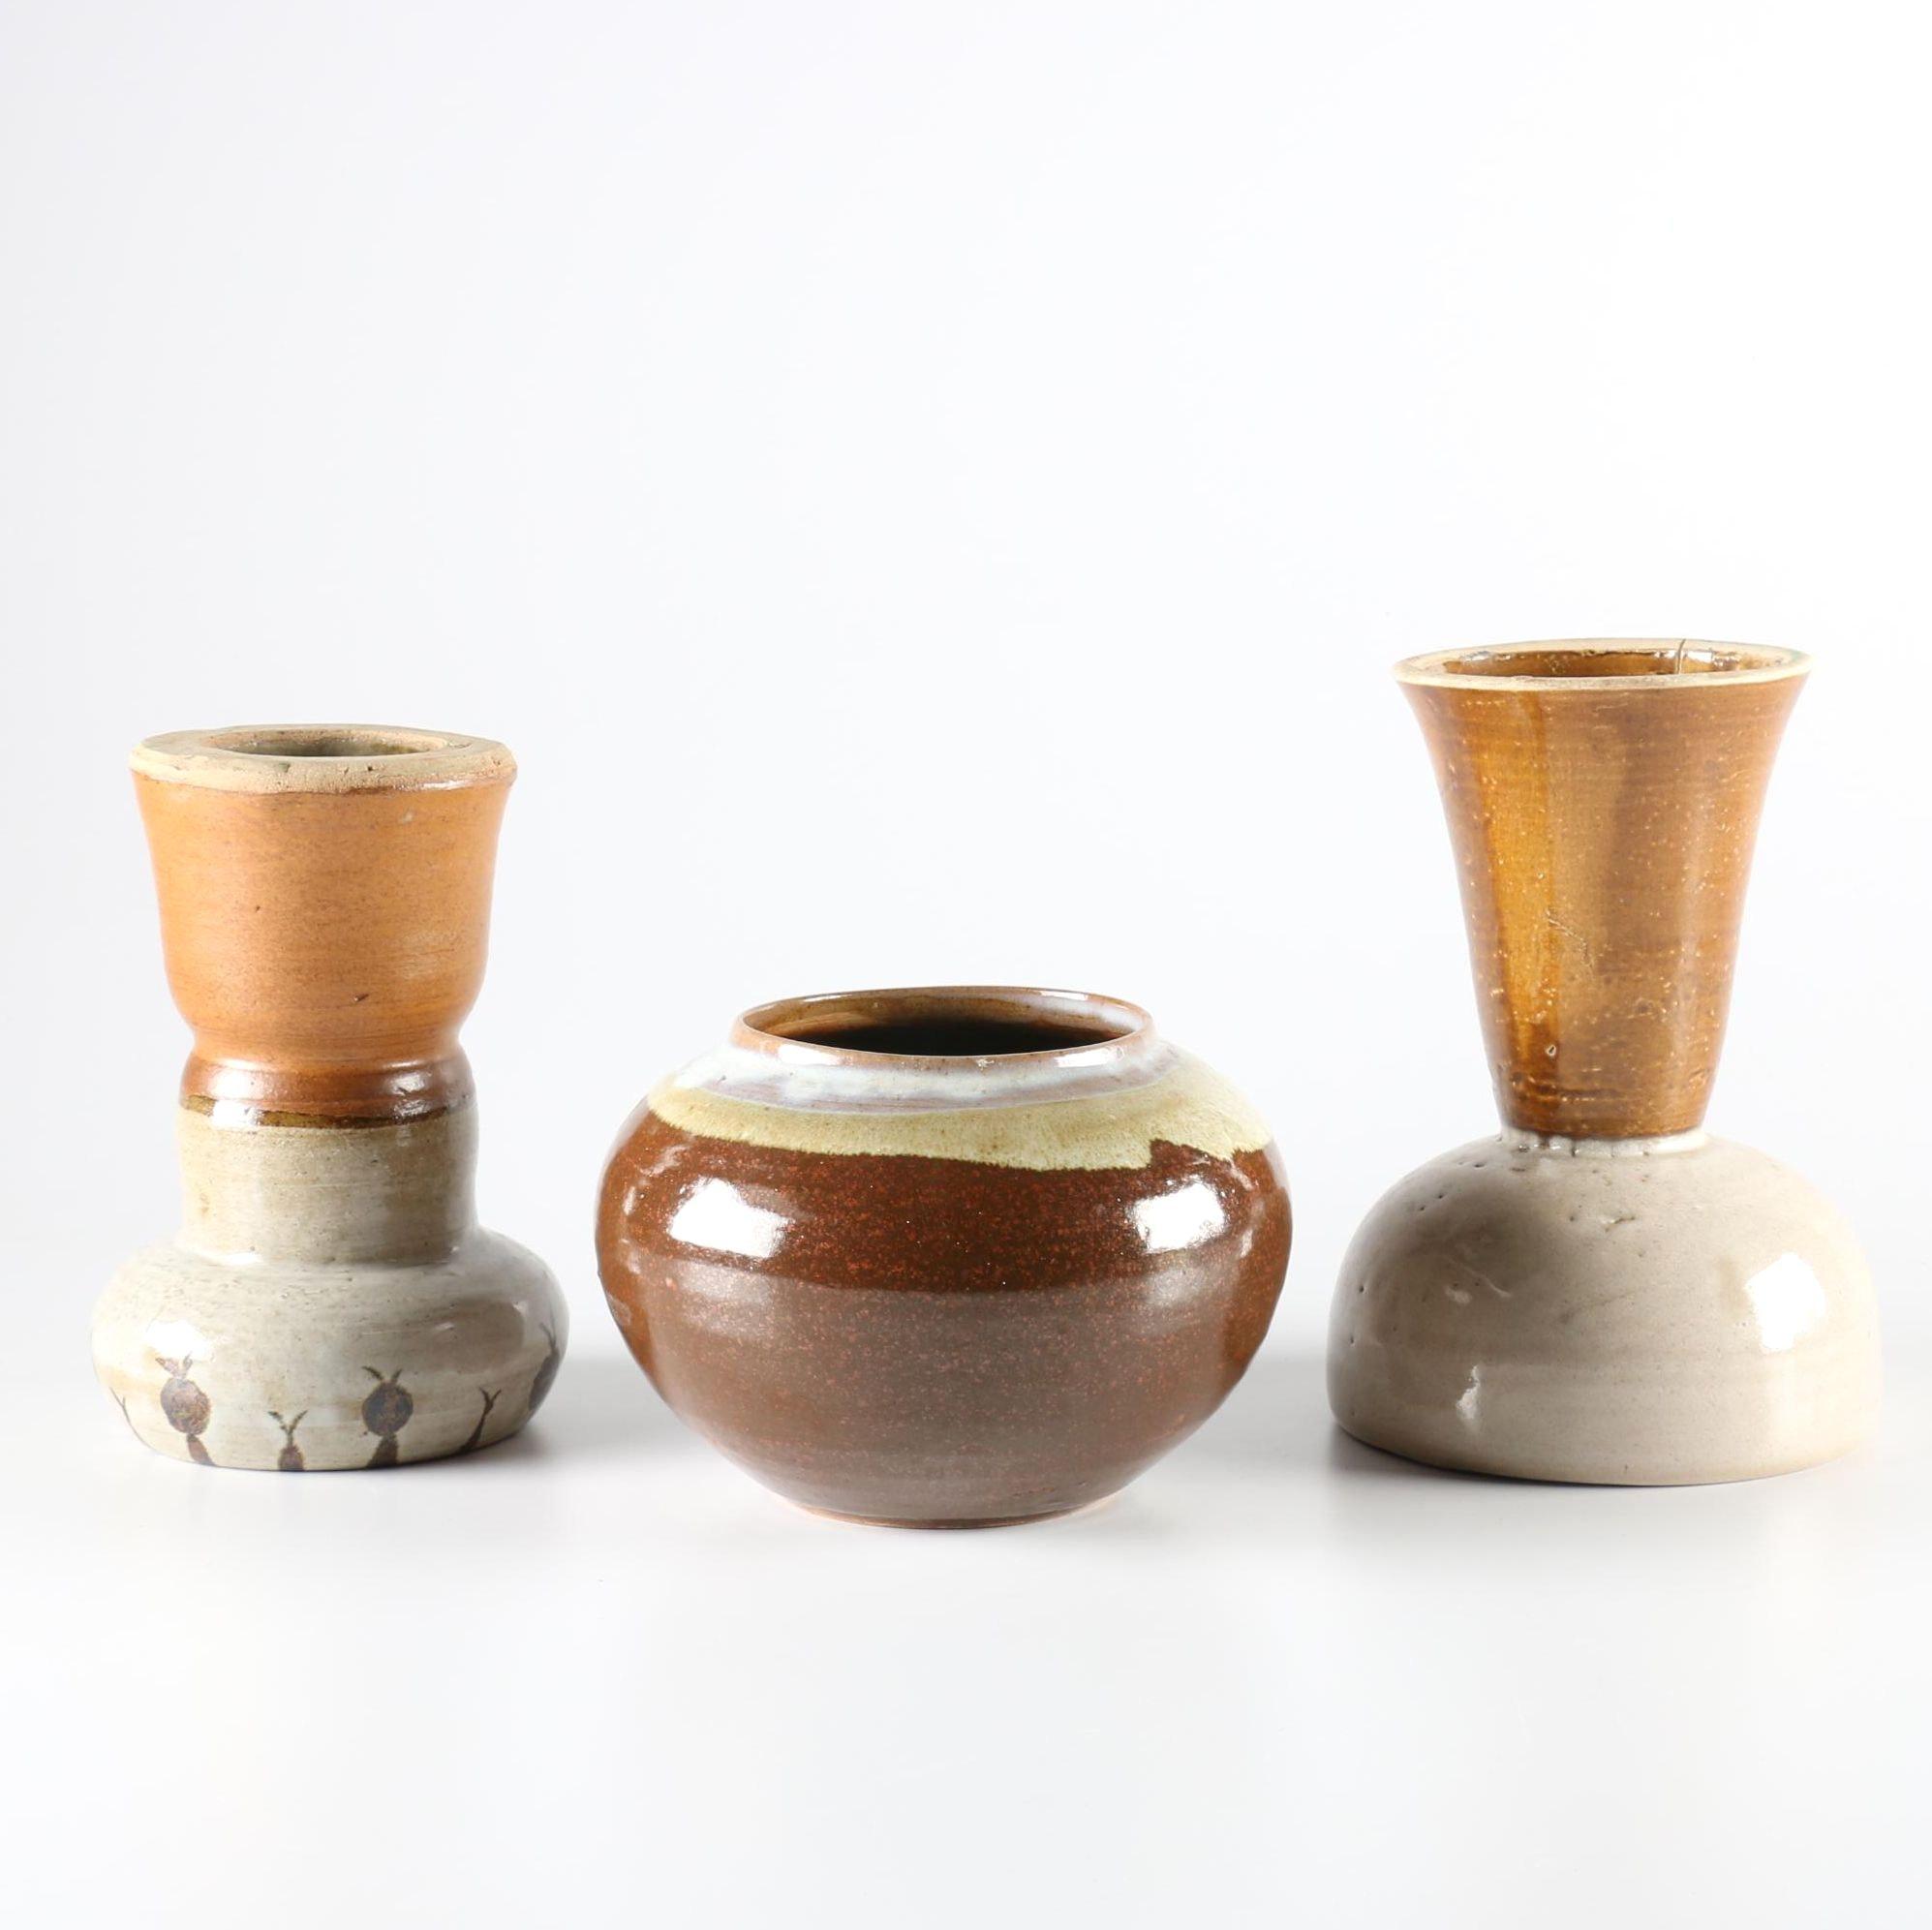 Set of Three Hand Thrown Stoneware Vessels